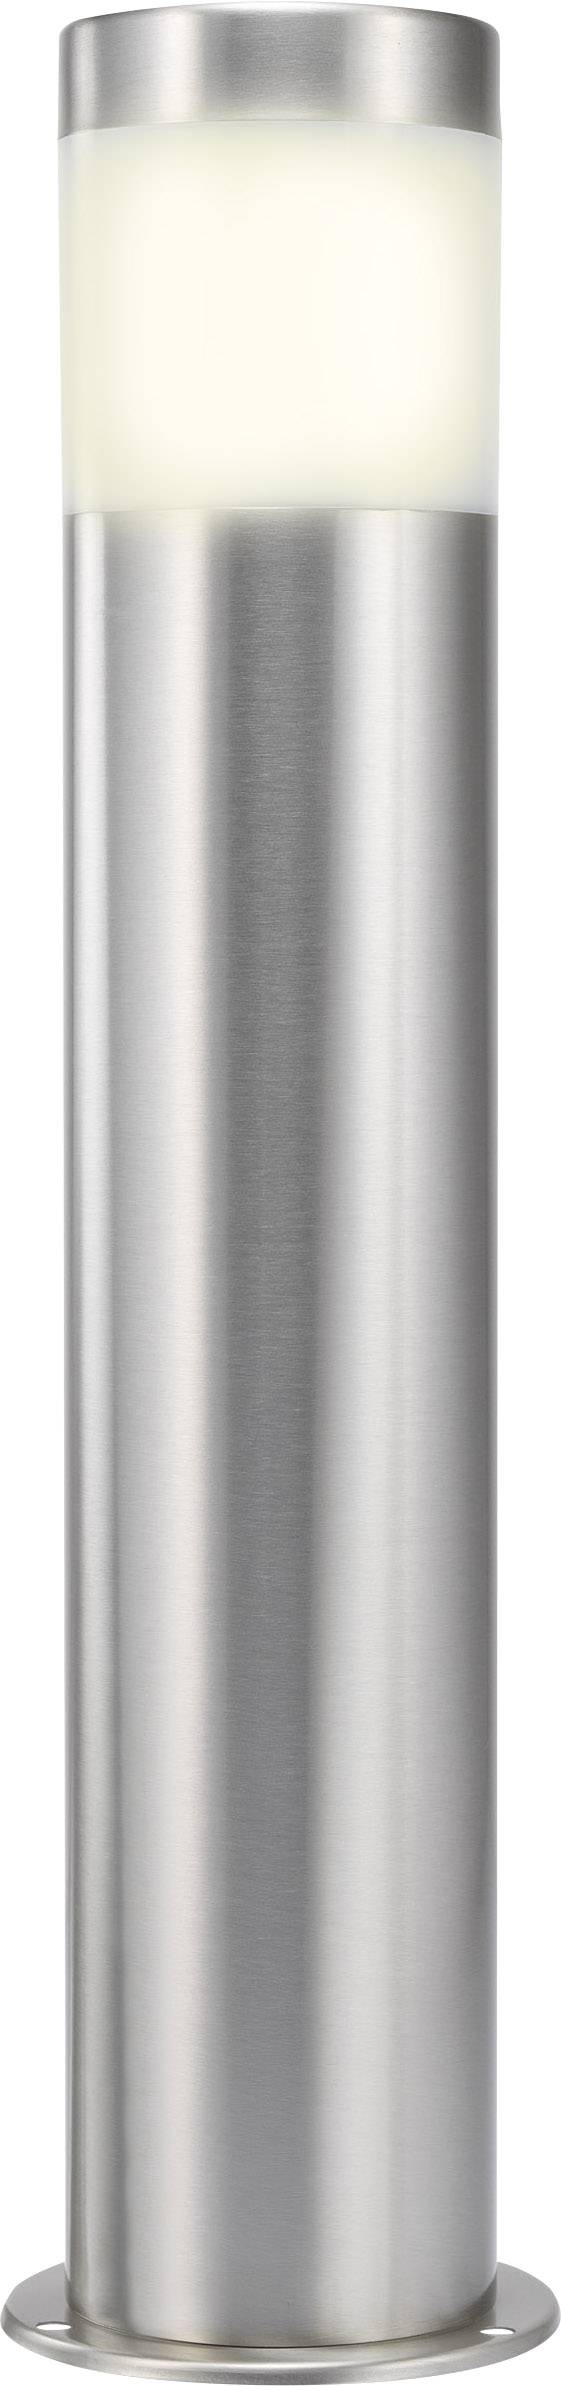 Vonkajšie stĺpové LED svietidlo RENKFORCE Riva, 10,5 W, nerez, 40 cm